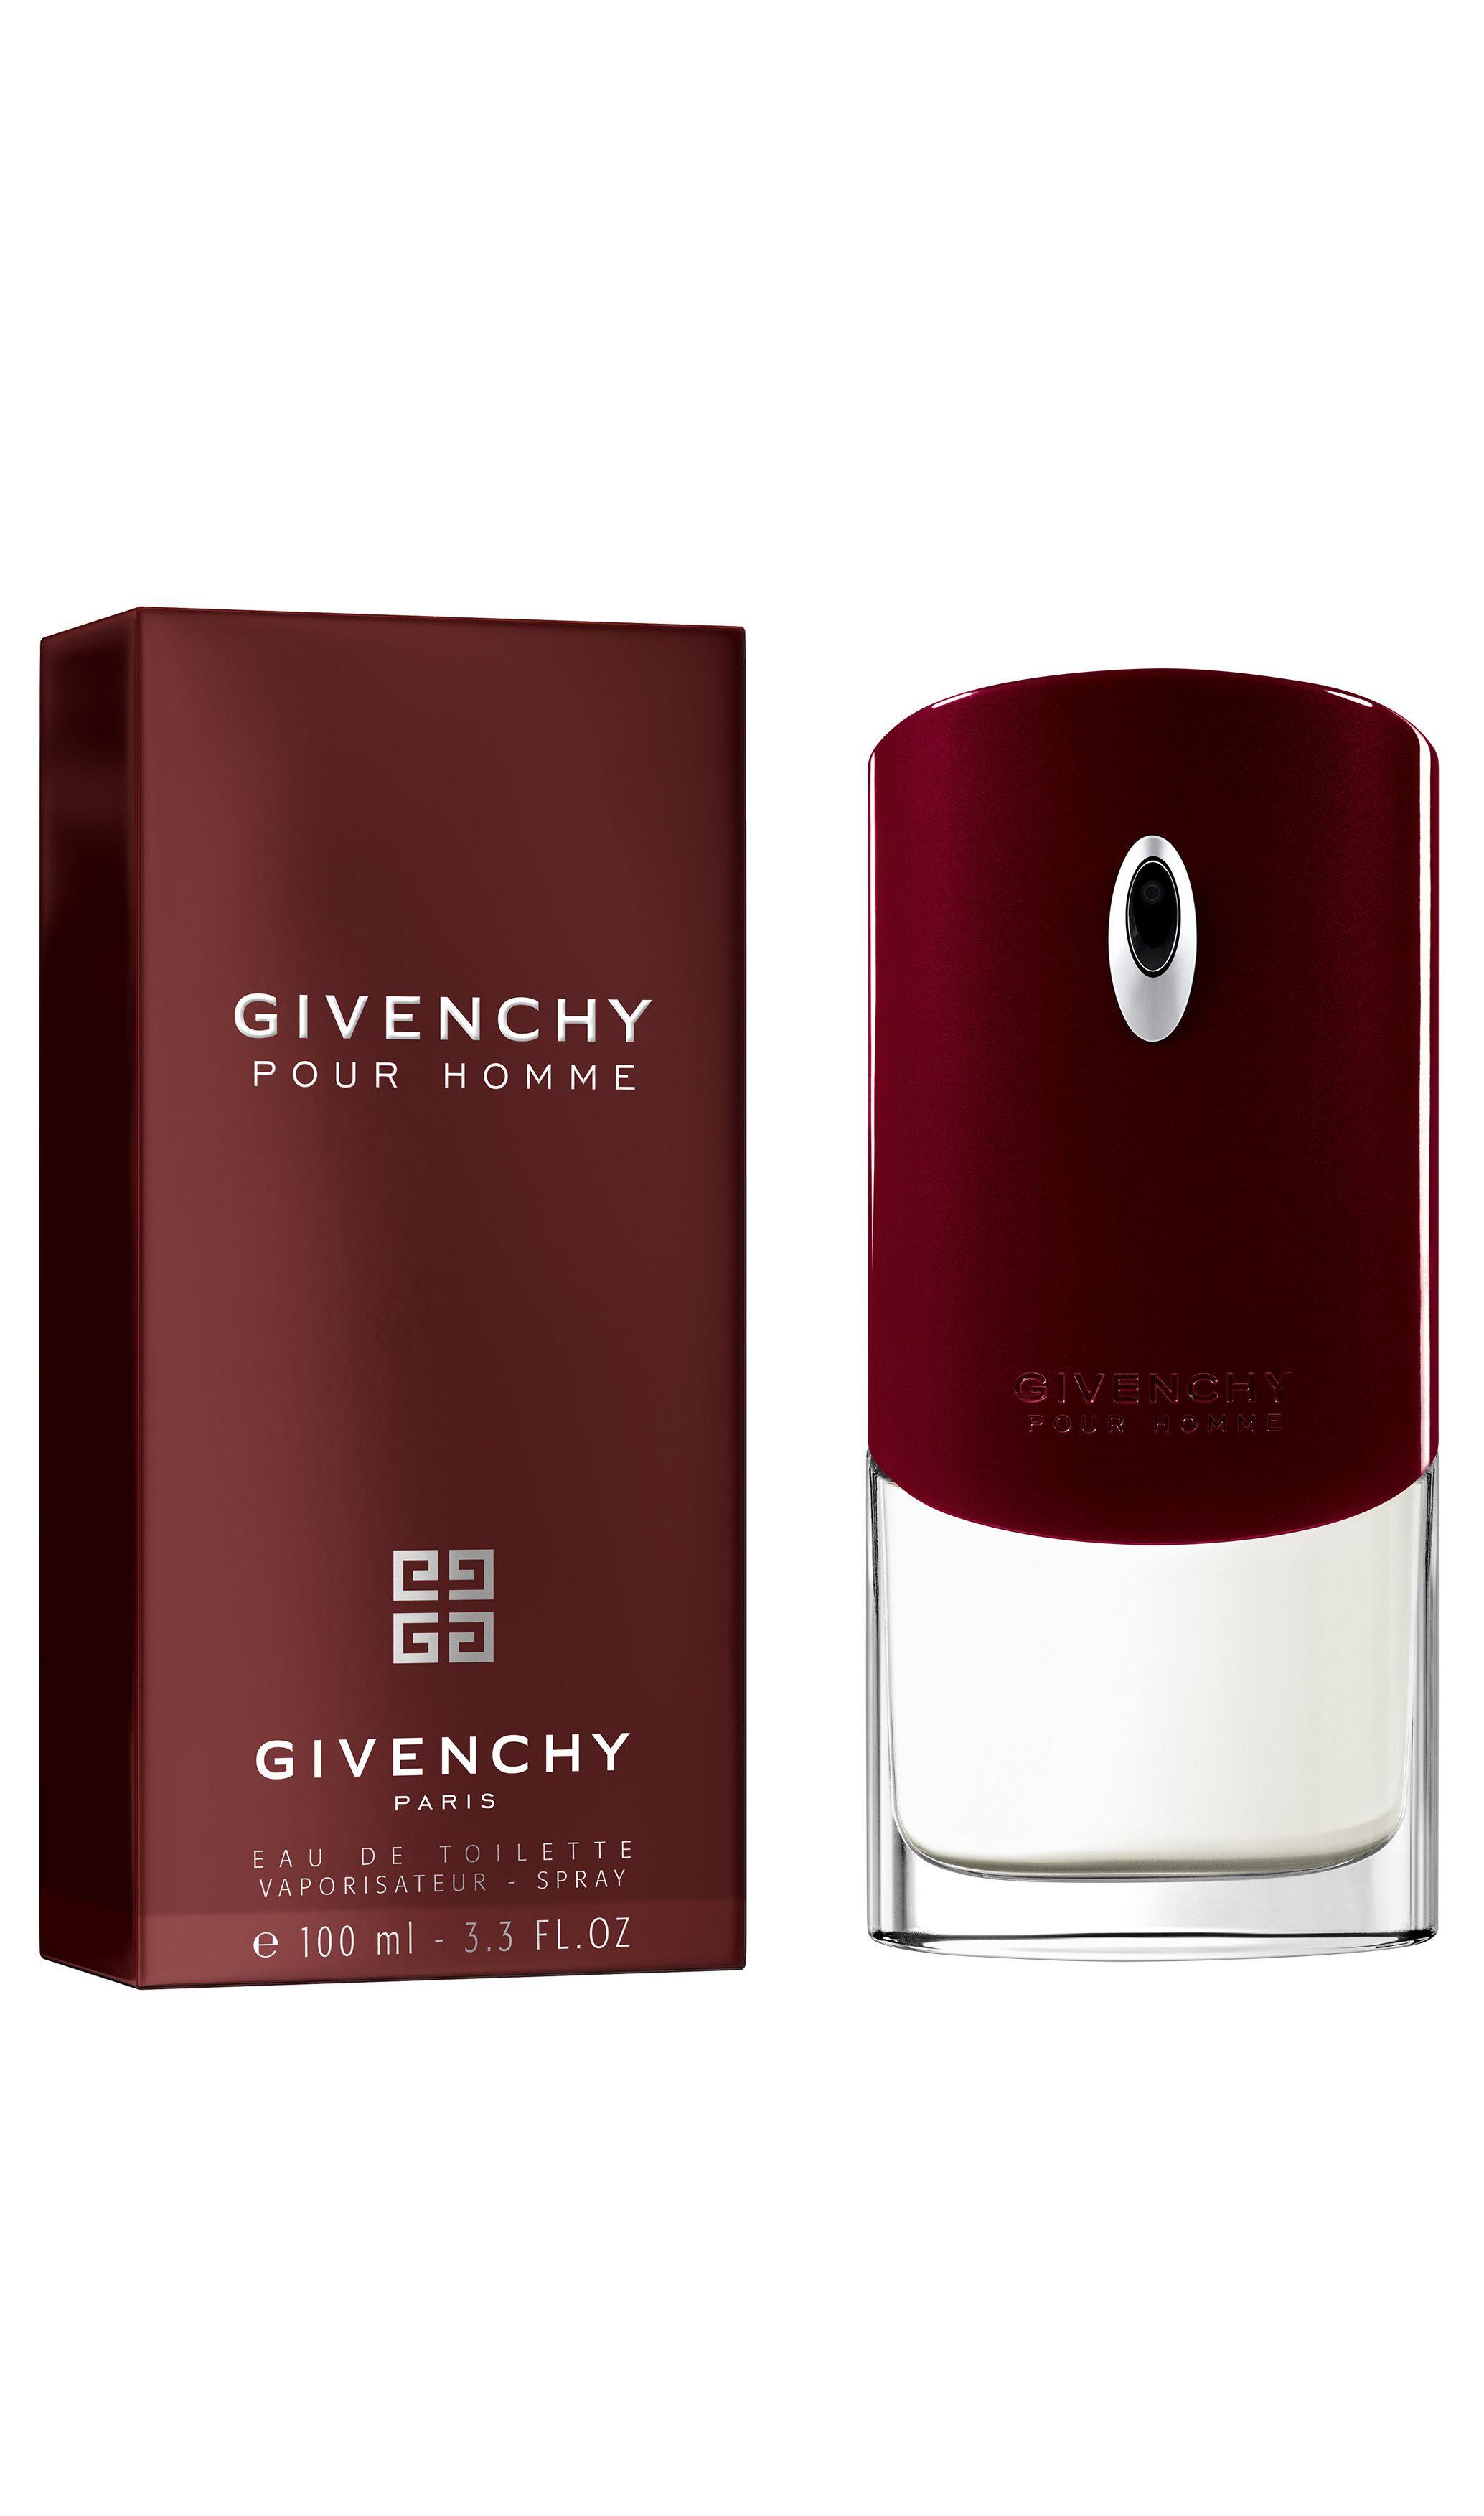 ca54f0103618b L Eau de Toilette Givenchy pour Homme  Givenchy  packshot  parfum  fragrance   homme  man  eaudetoilette  photo  studiophoto  luxe